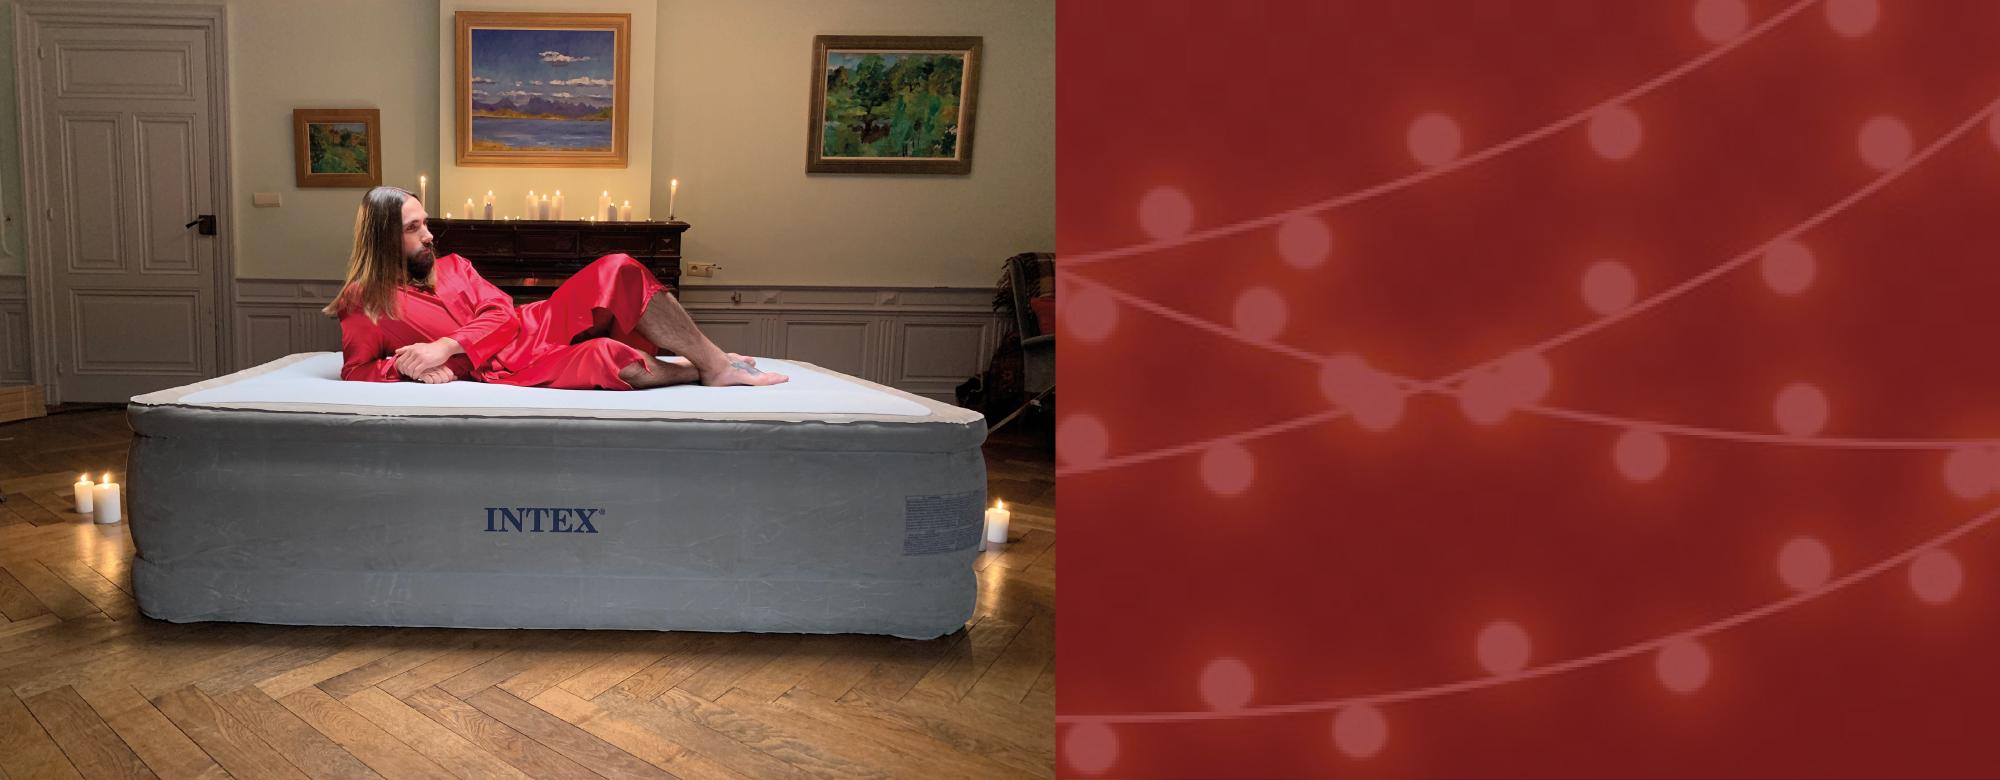 Bénéficiez de 50% de remise sur votre lit gonflable INTEX